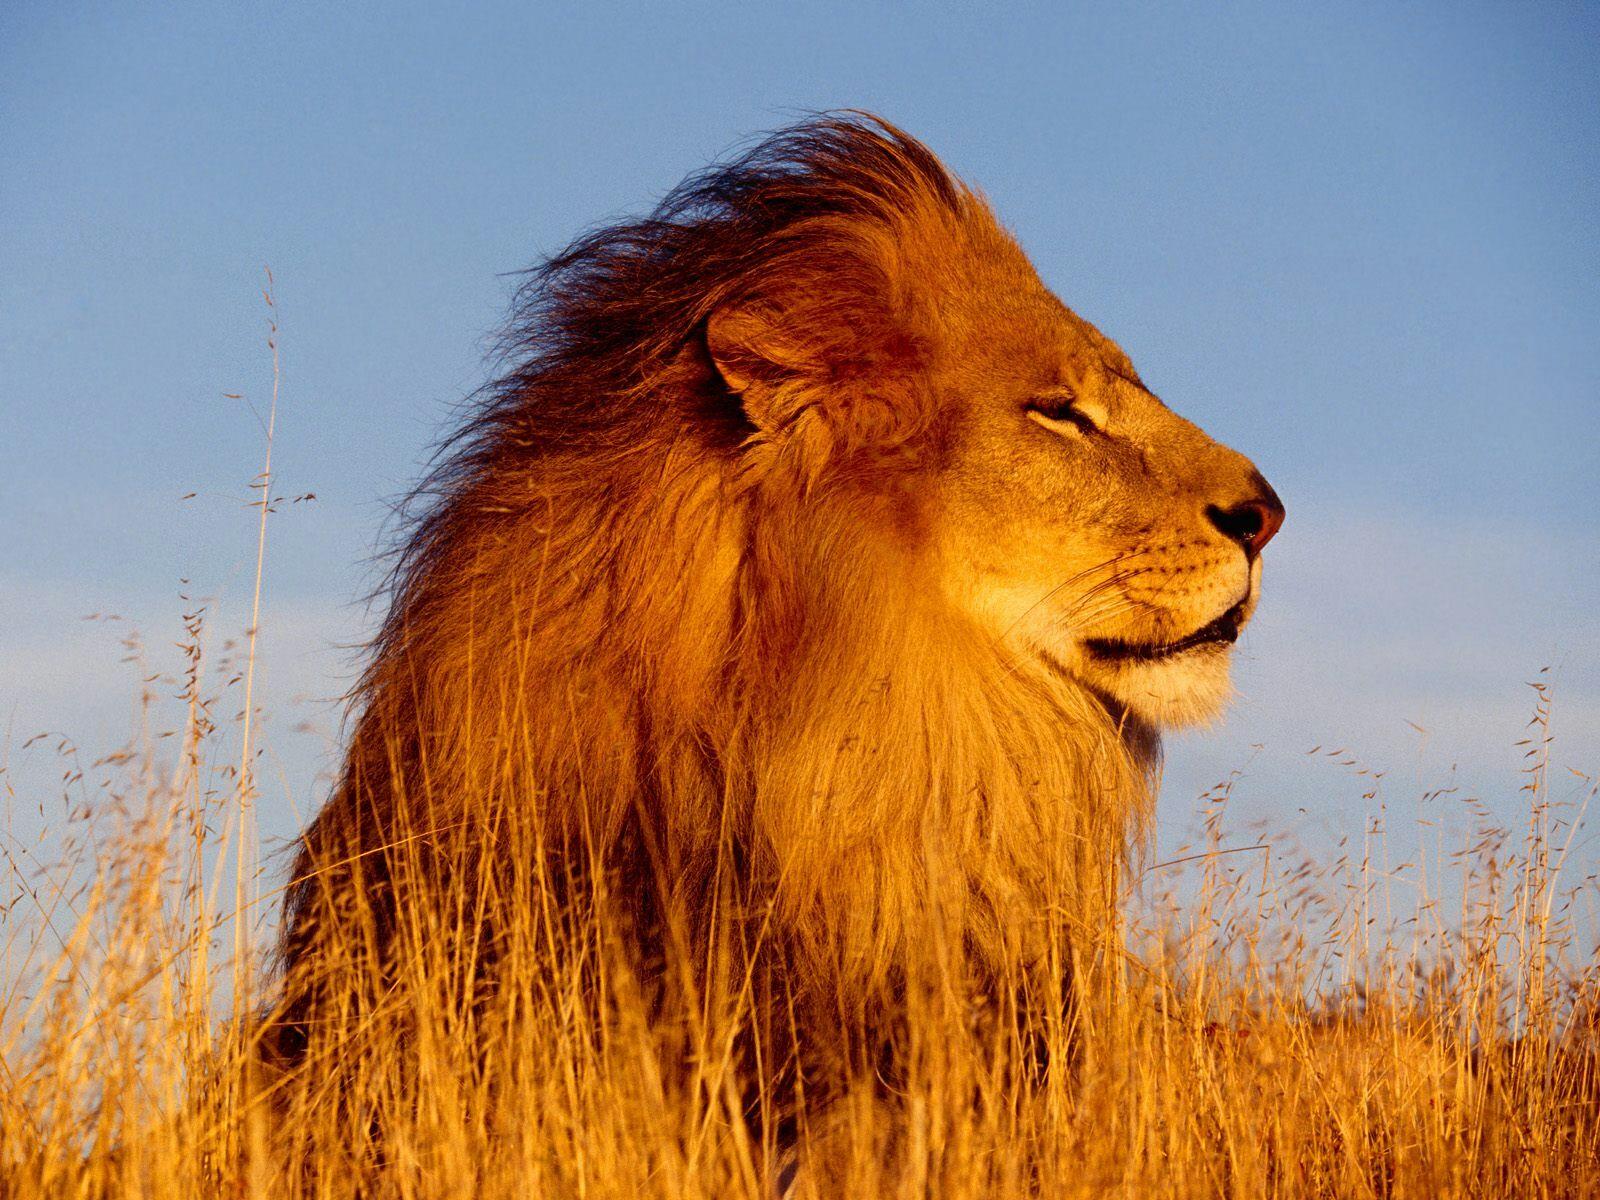 лев лежит в траве, царь зверей, скачать фото, обои для рабочего стола